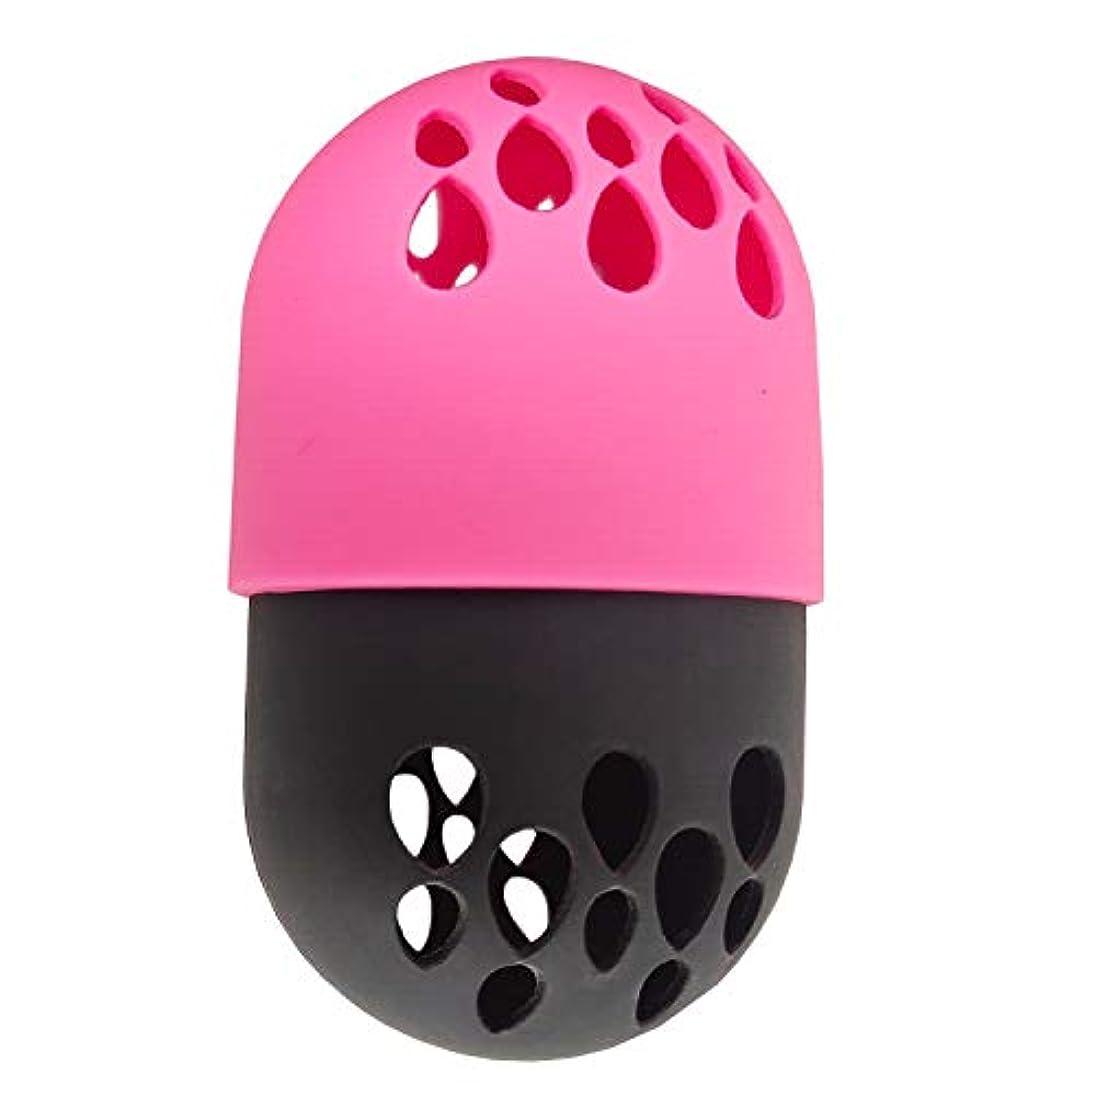 縫い目税金別々に美容スポンジ収納ケース、通気性を柔らか美容スポンジ シリコン旅行 キャリングケース、小型軽量 あらゆる化粧スポンジ適用 (ピンク)